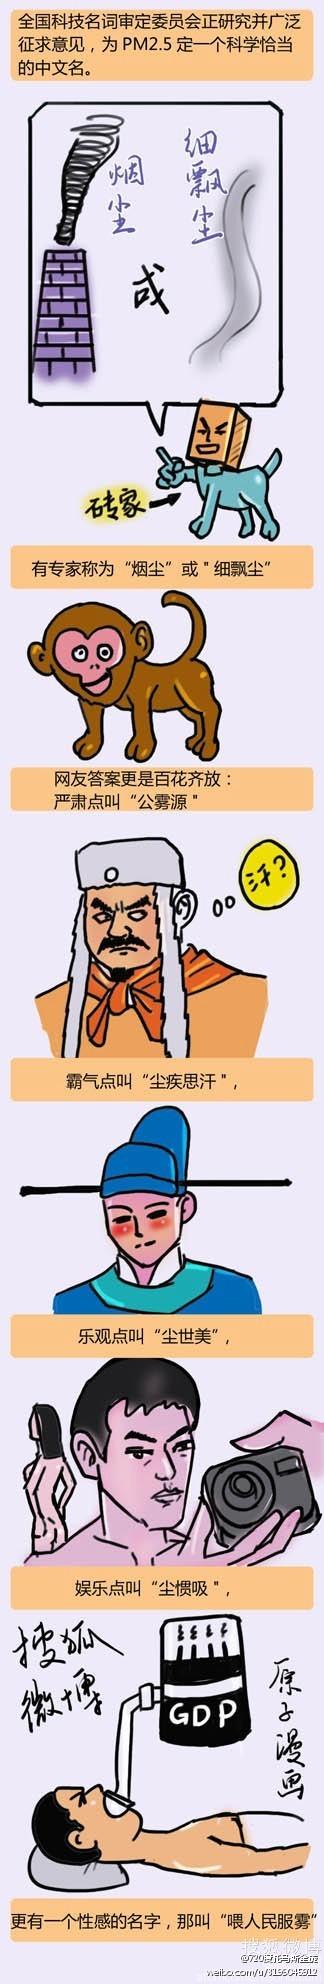 """【麻辣总局】""""喂人民服雾"""":图解 PM2.5中文名"""